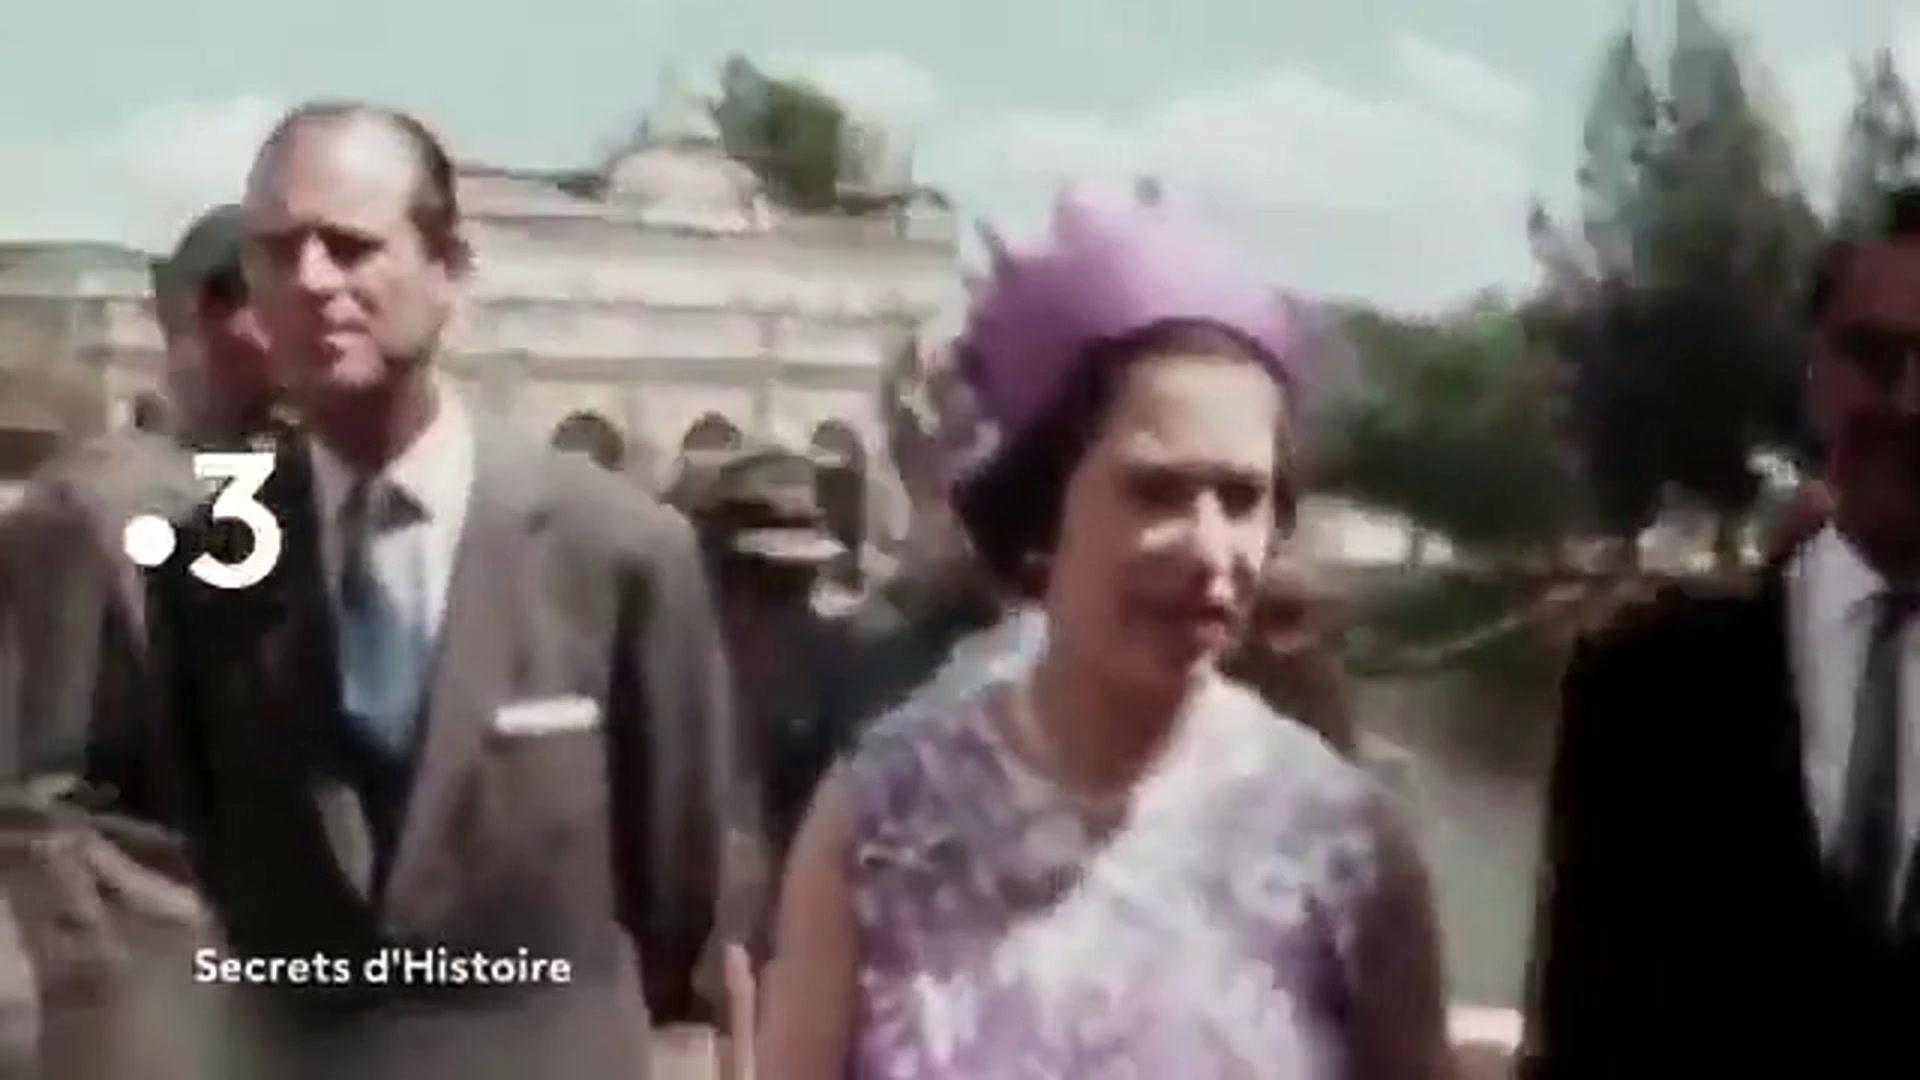 Secrets d'histoire : Le Prince Philip, au service de sa Majesté